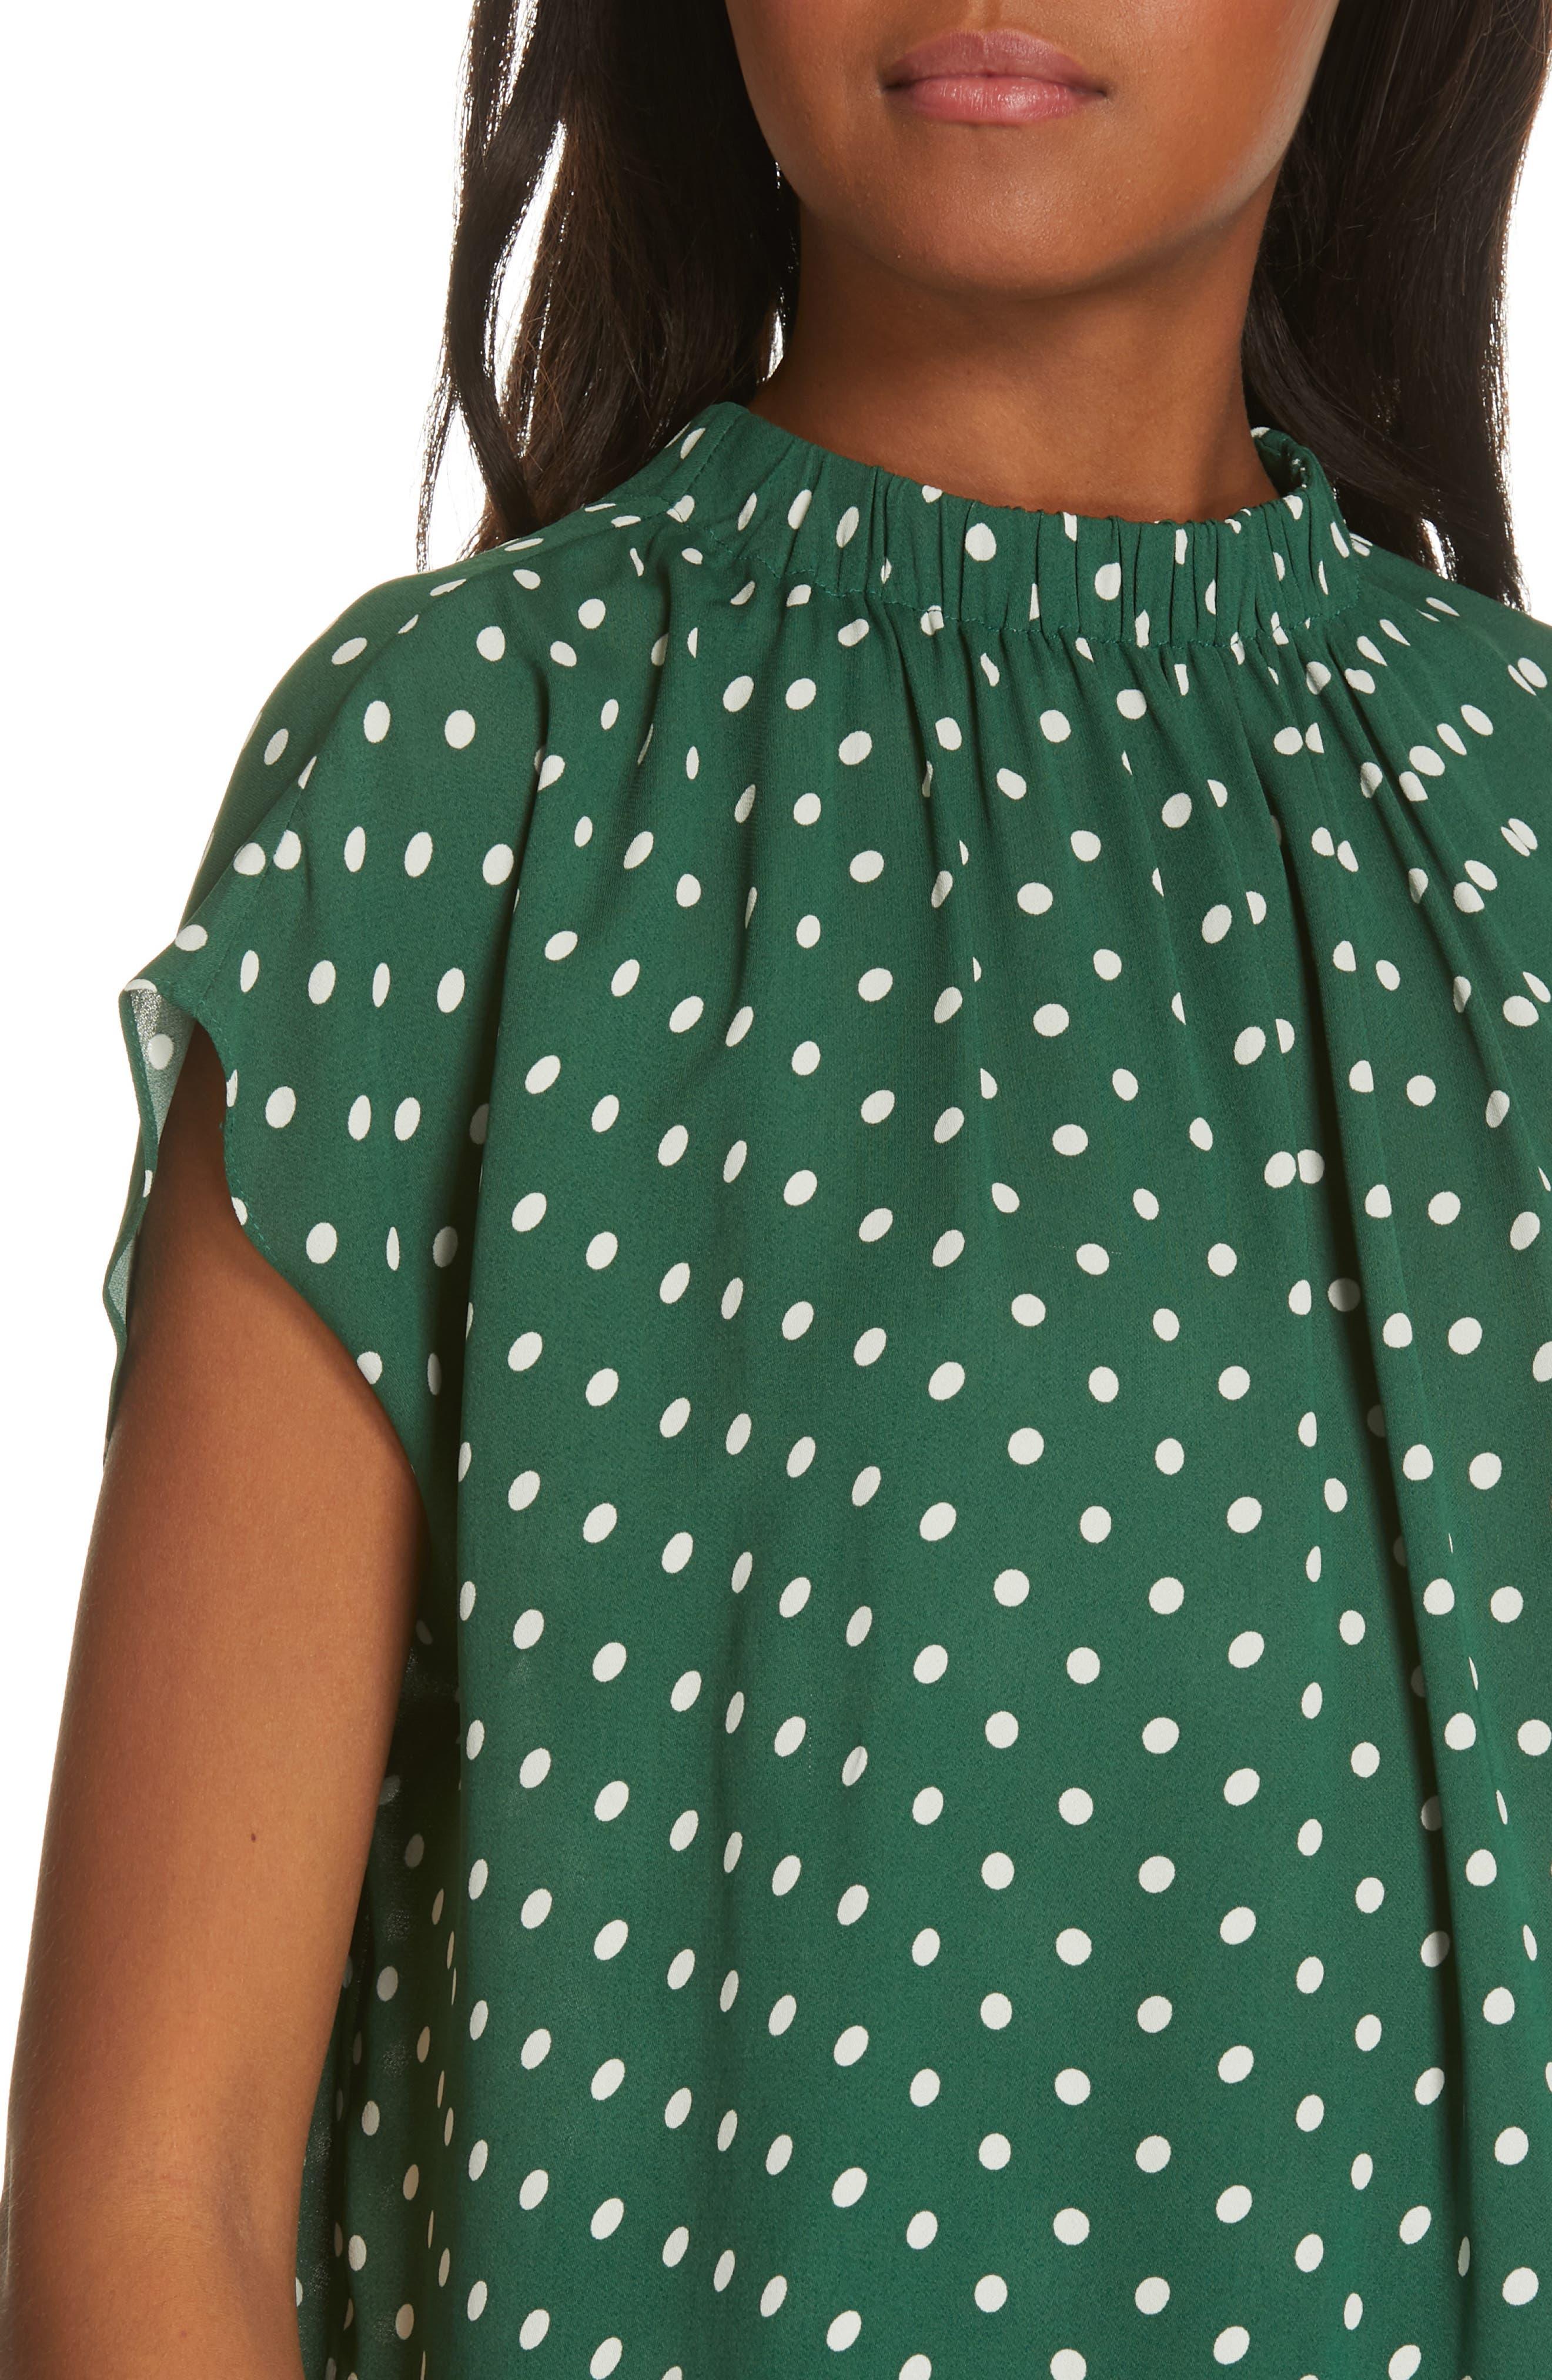 Polka Dot Short Sleeve Top,                             Alternate thumbnail 4, color,                             GREEN EDEN PETITE DOT